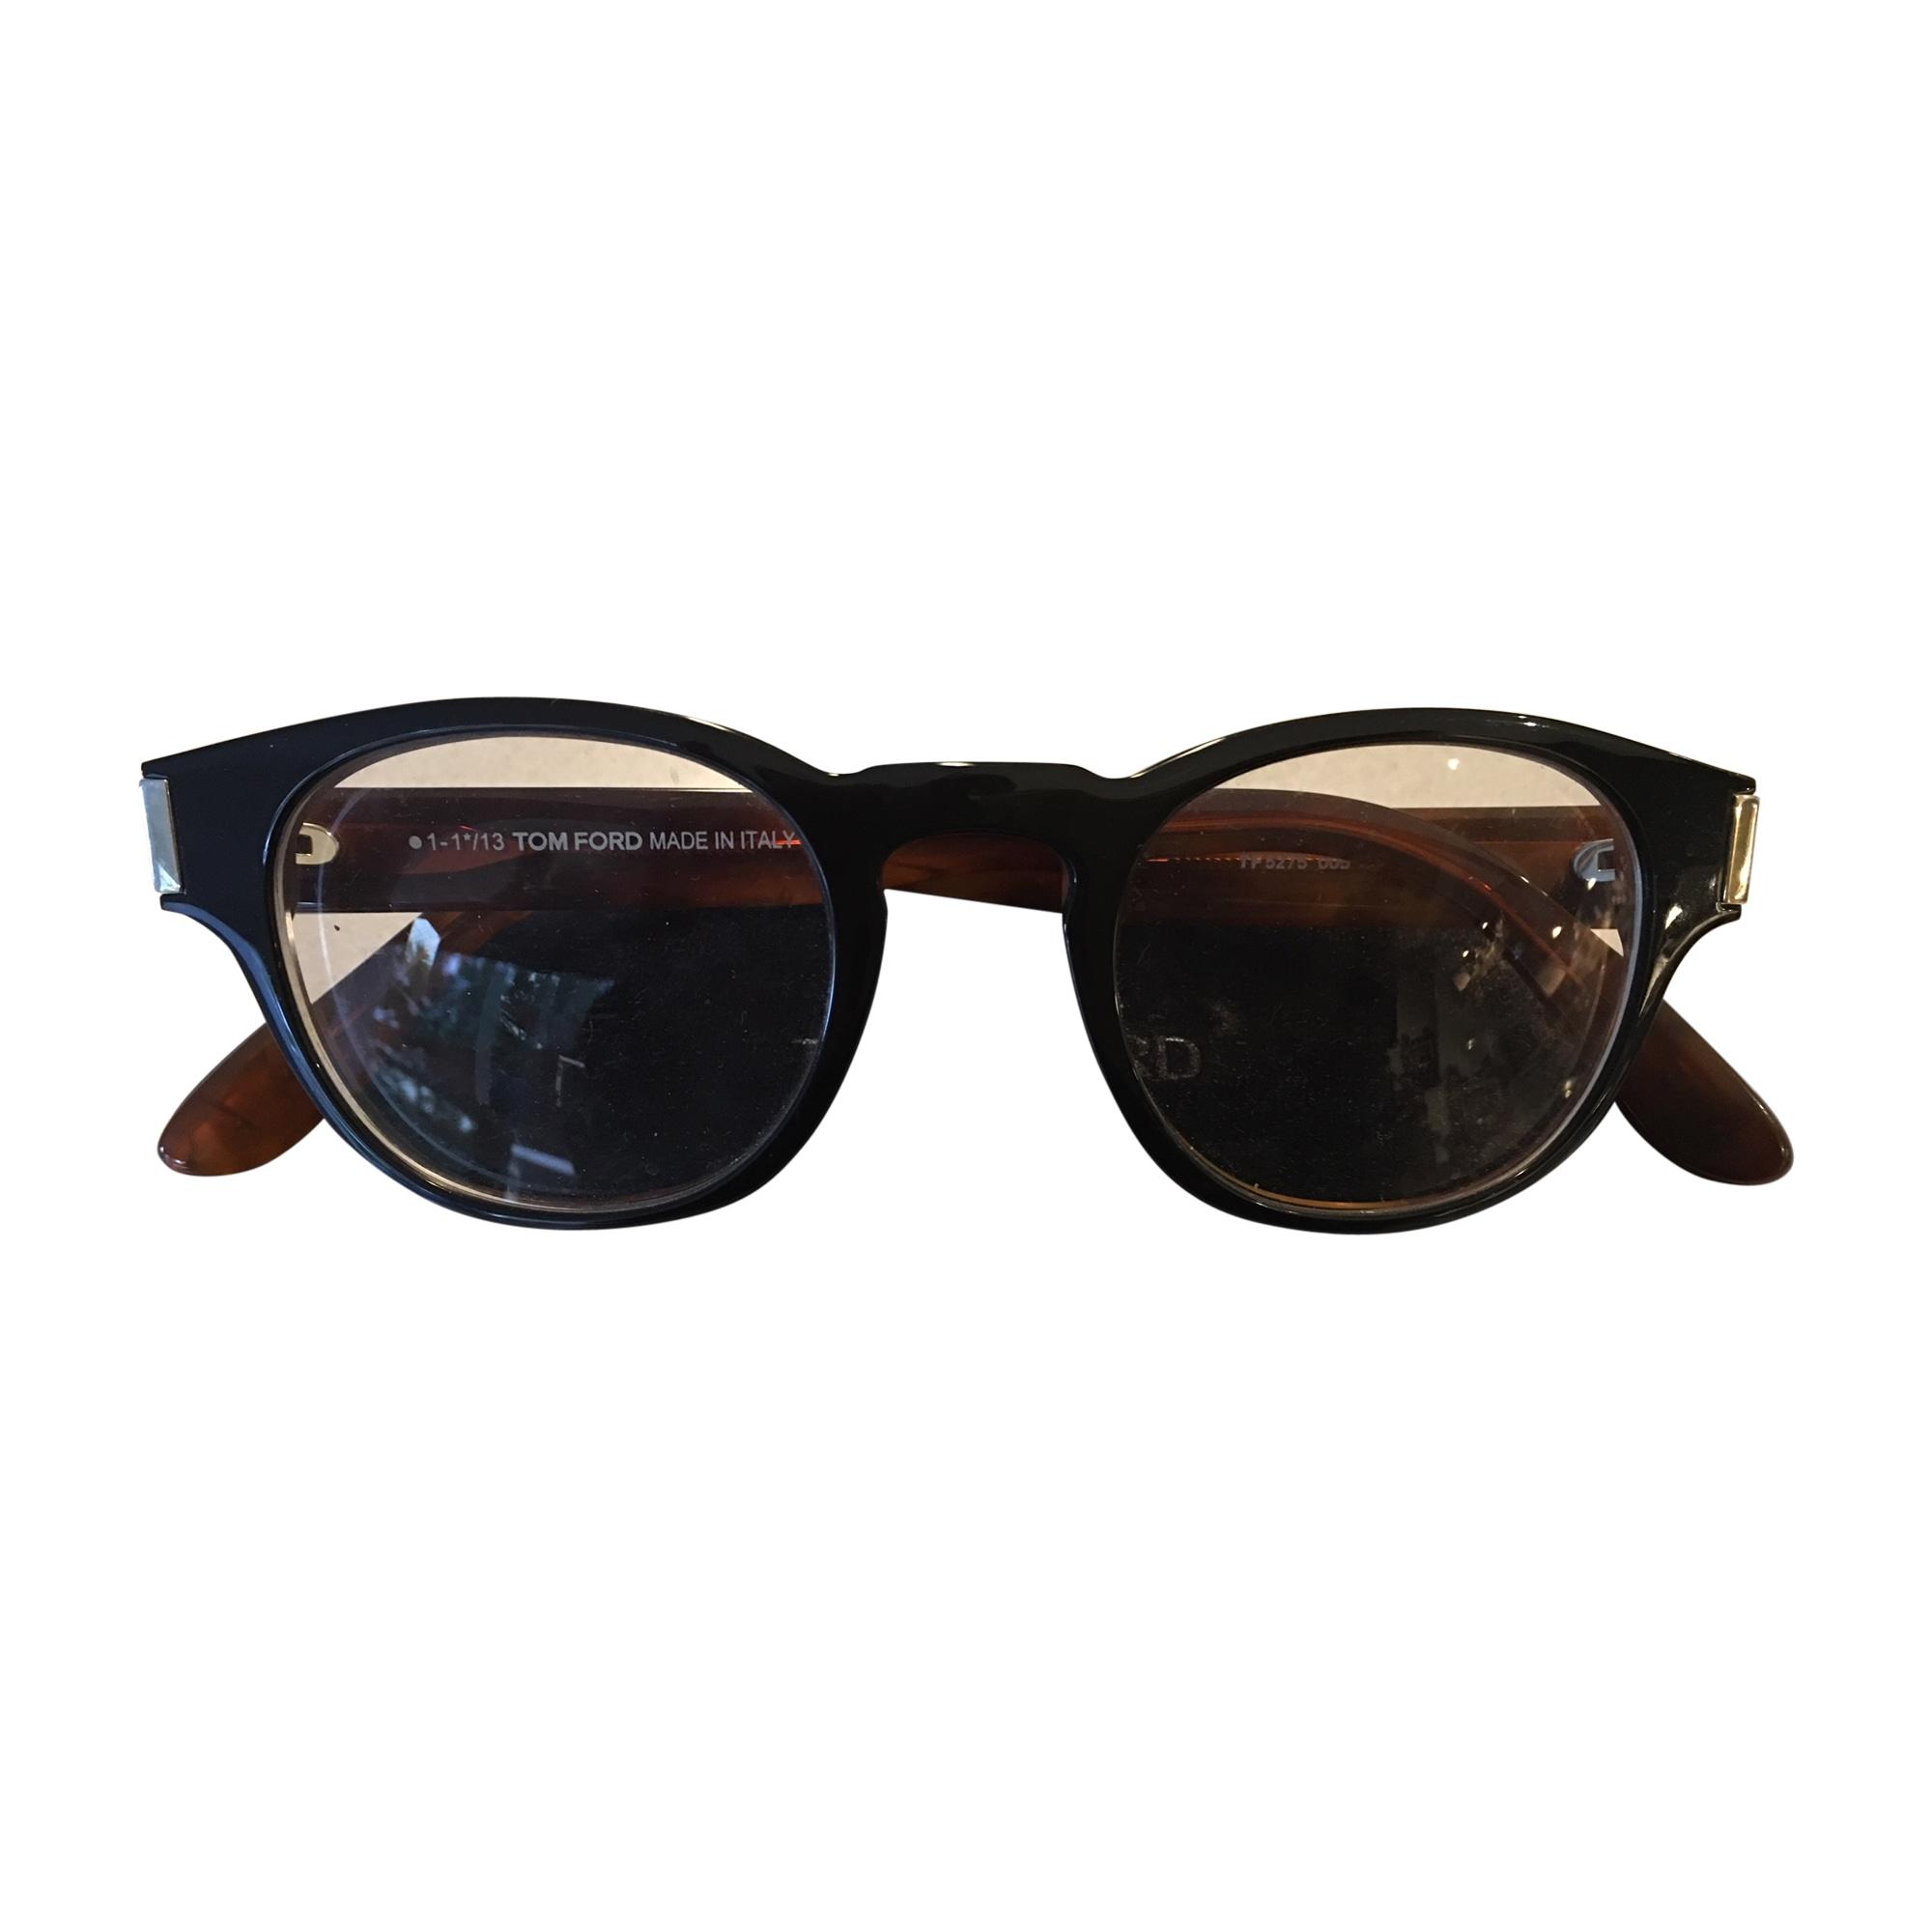 Monture de lunettes TOM FORD marron vendu par Marjoli - 7312453 663c61308296